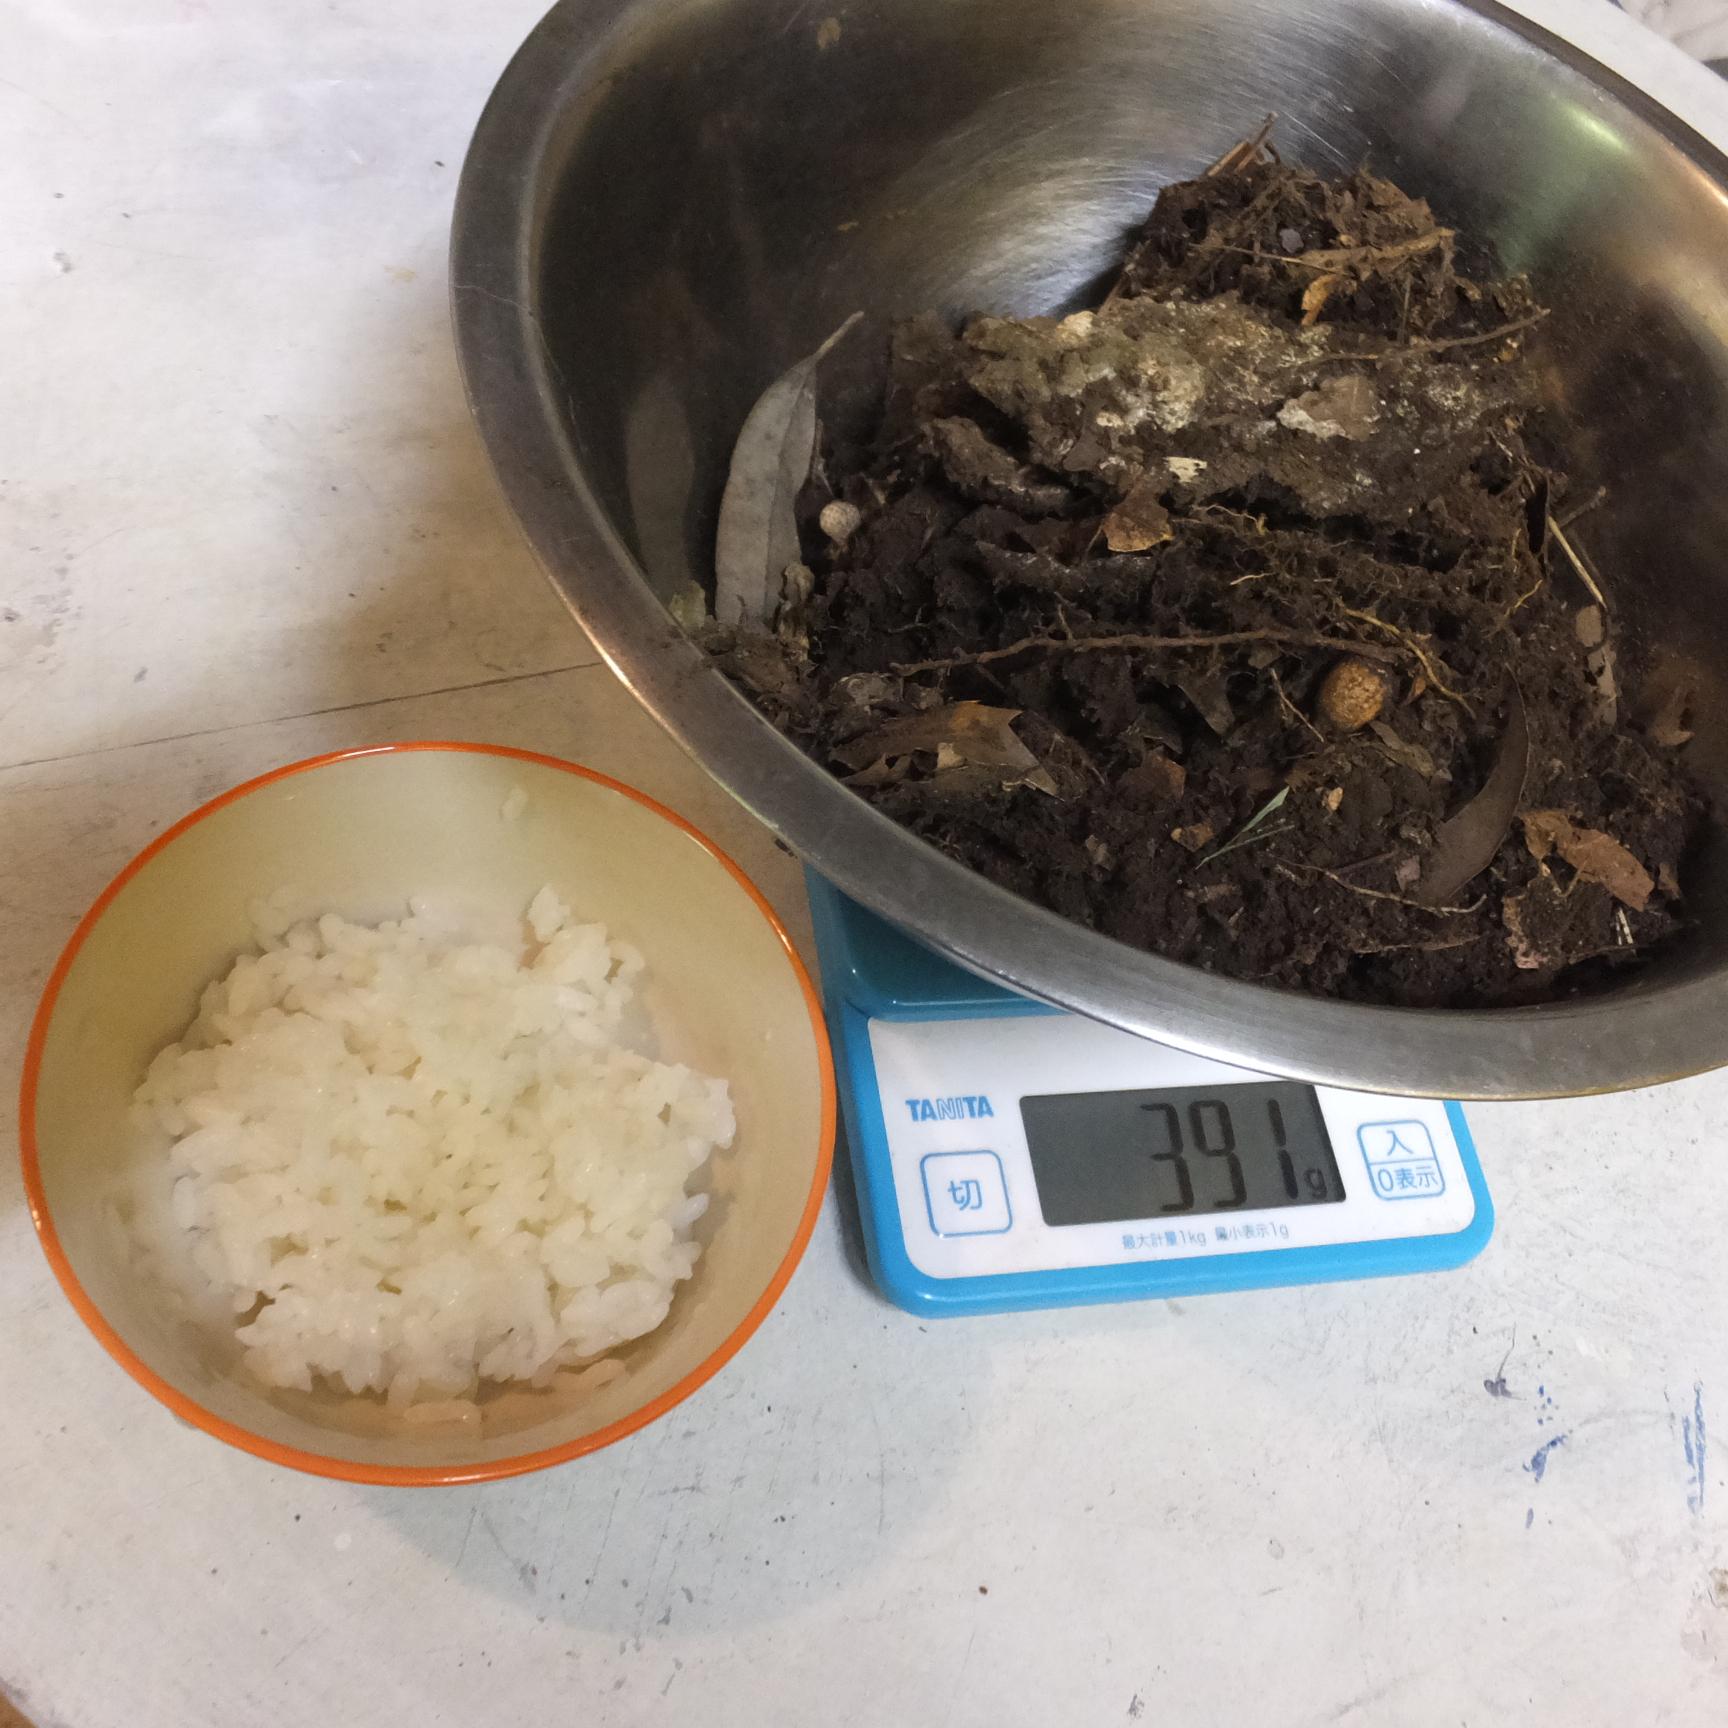 土着菌と米ぬかで肥料作り